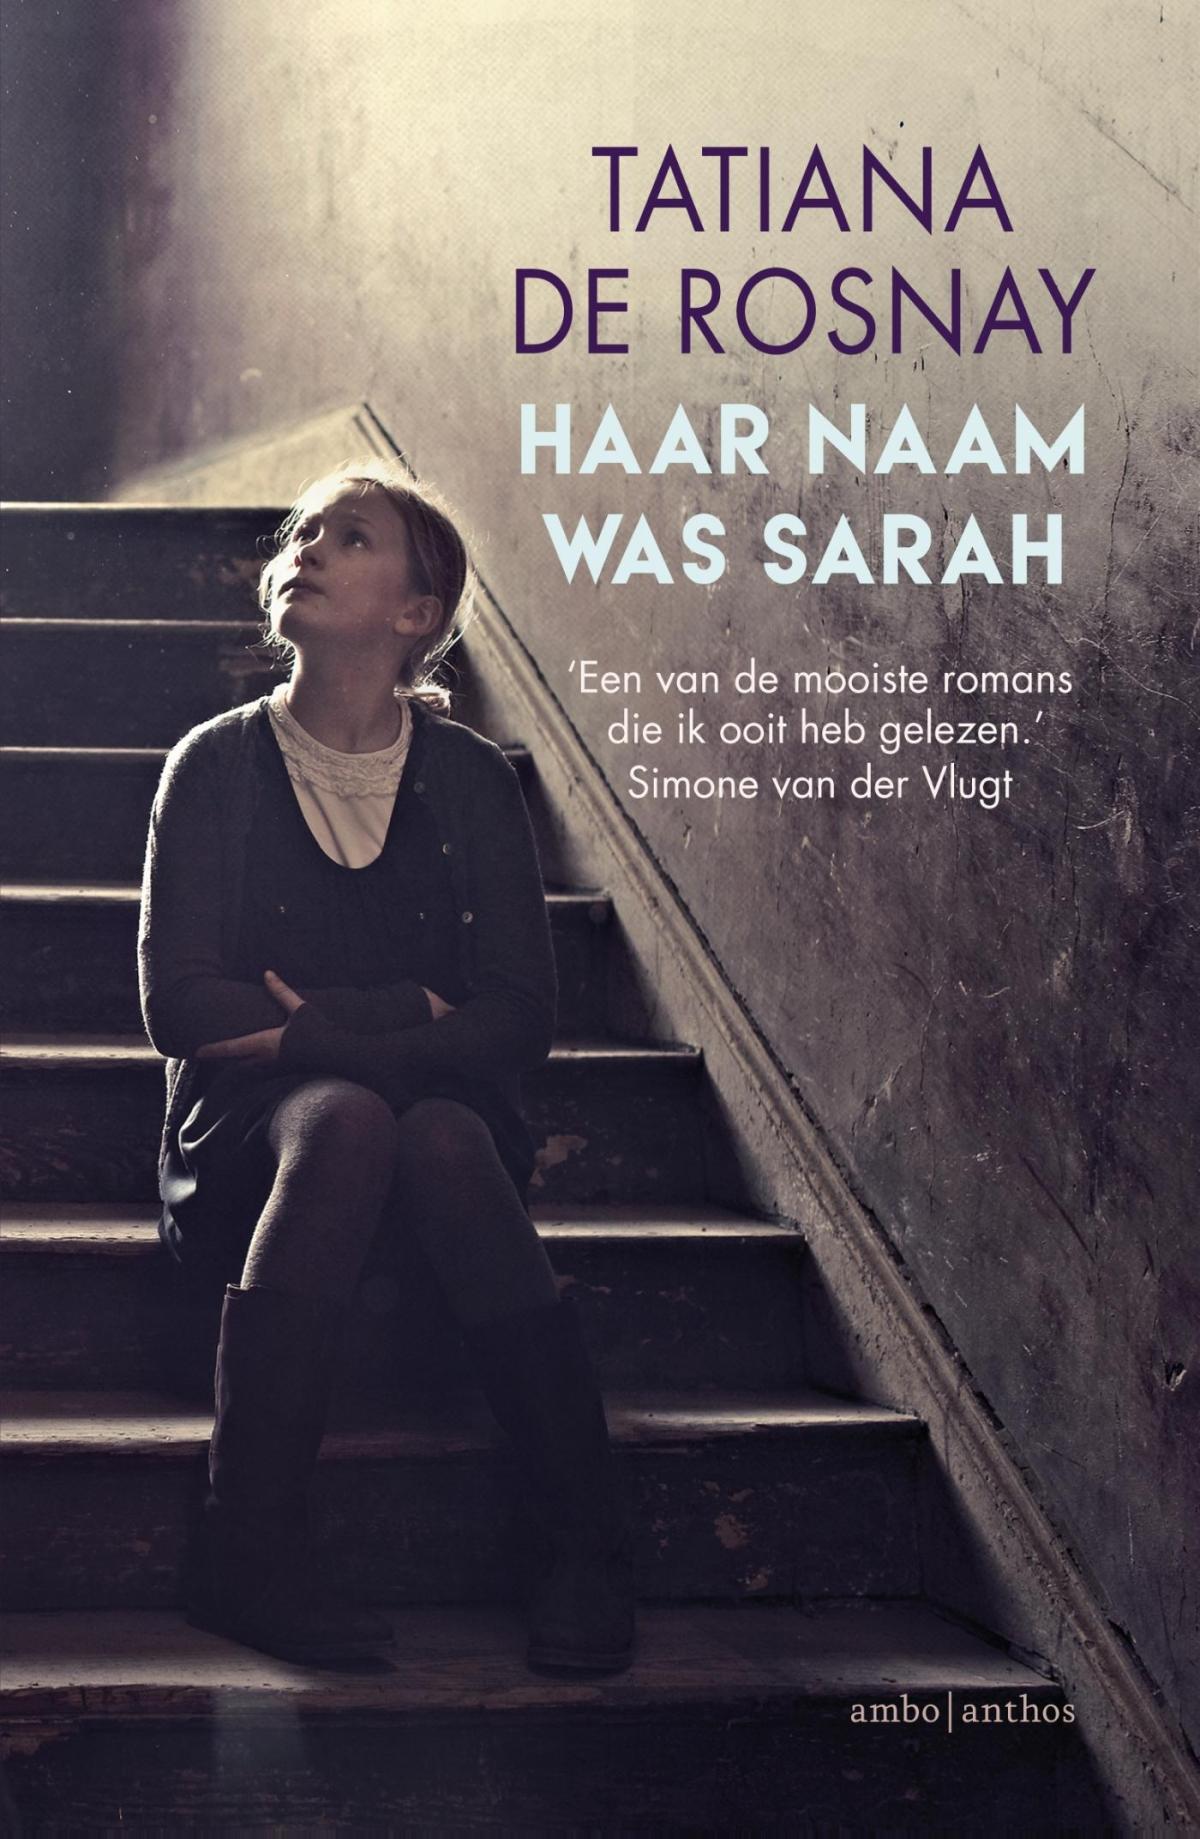 Haar naam was Sarah - Tatiana de Rosnay